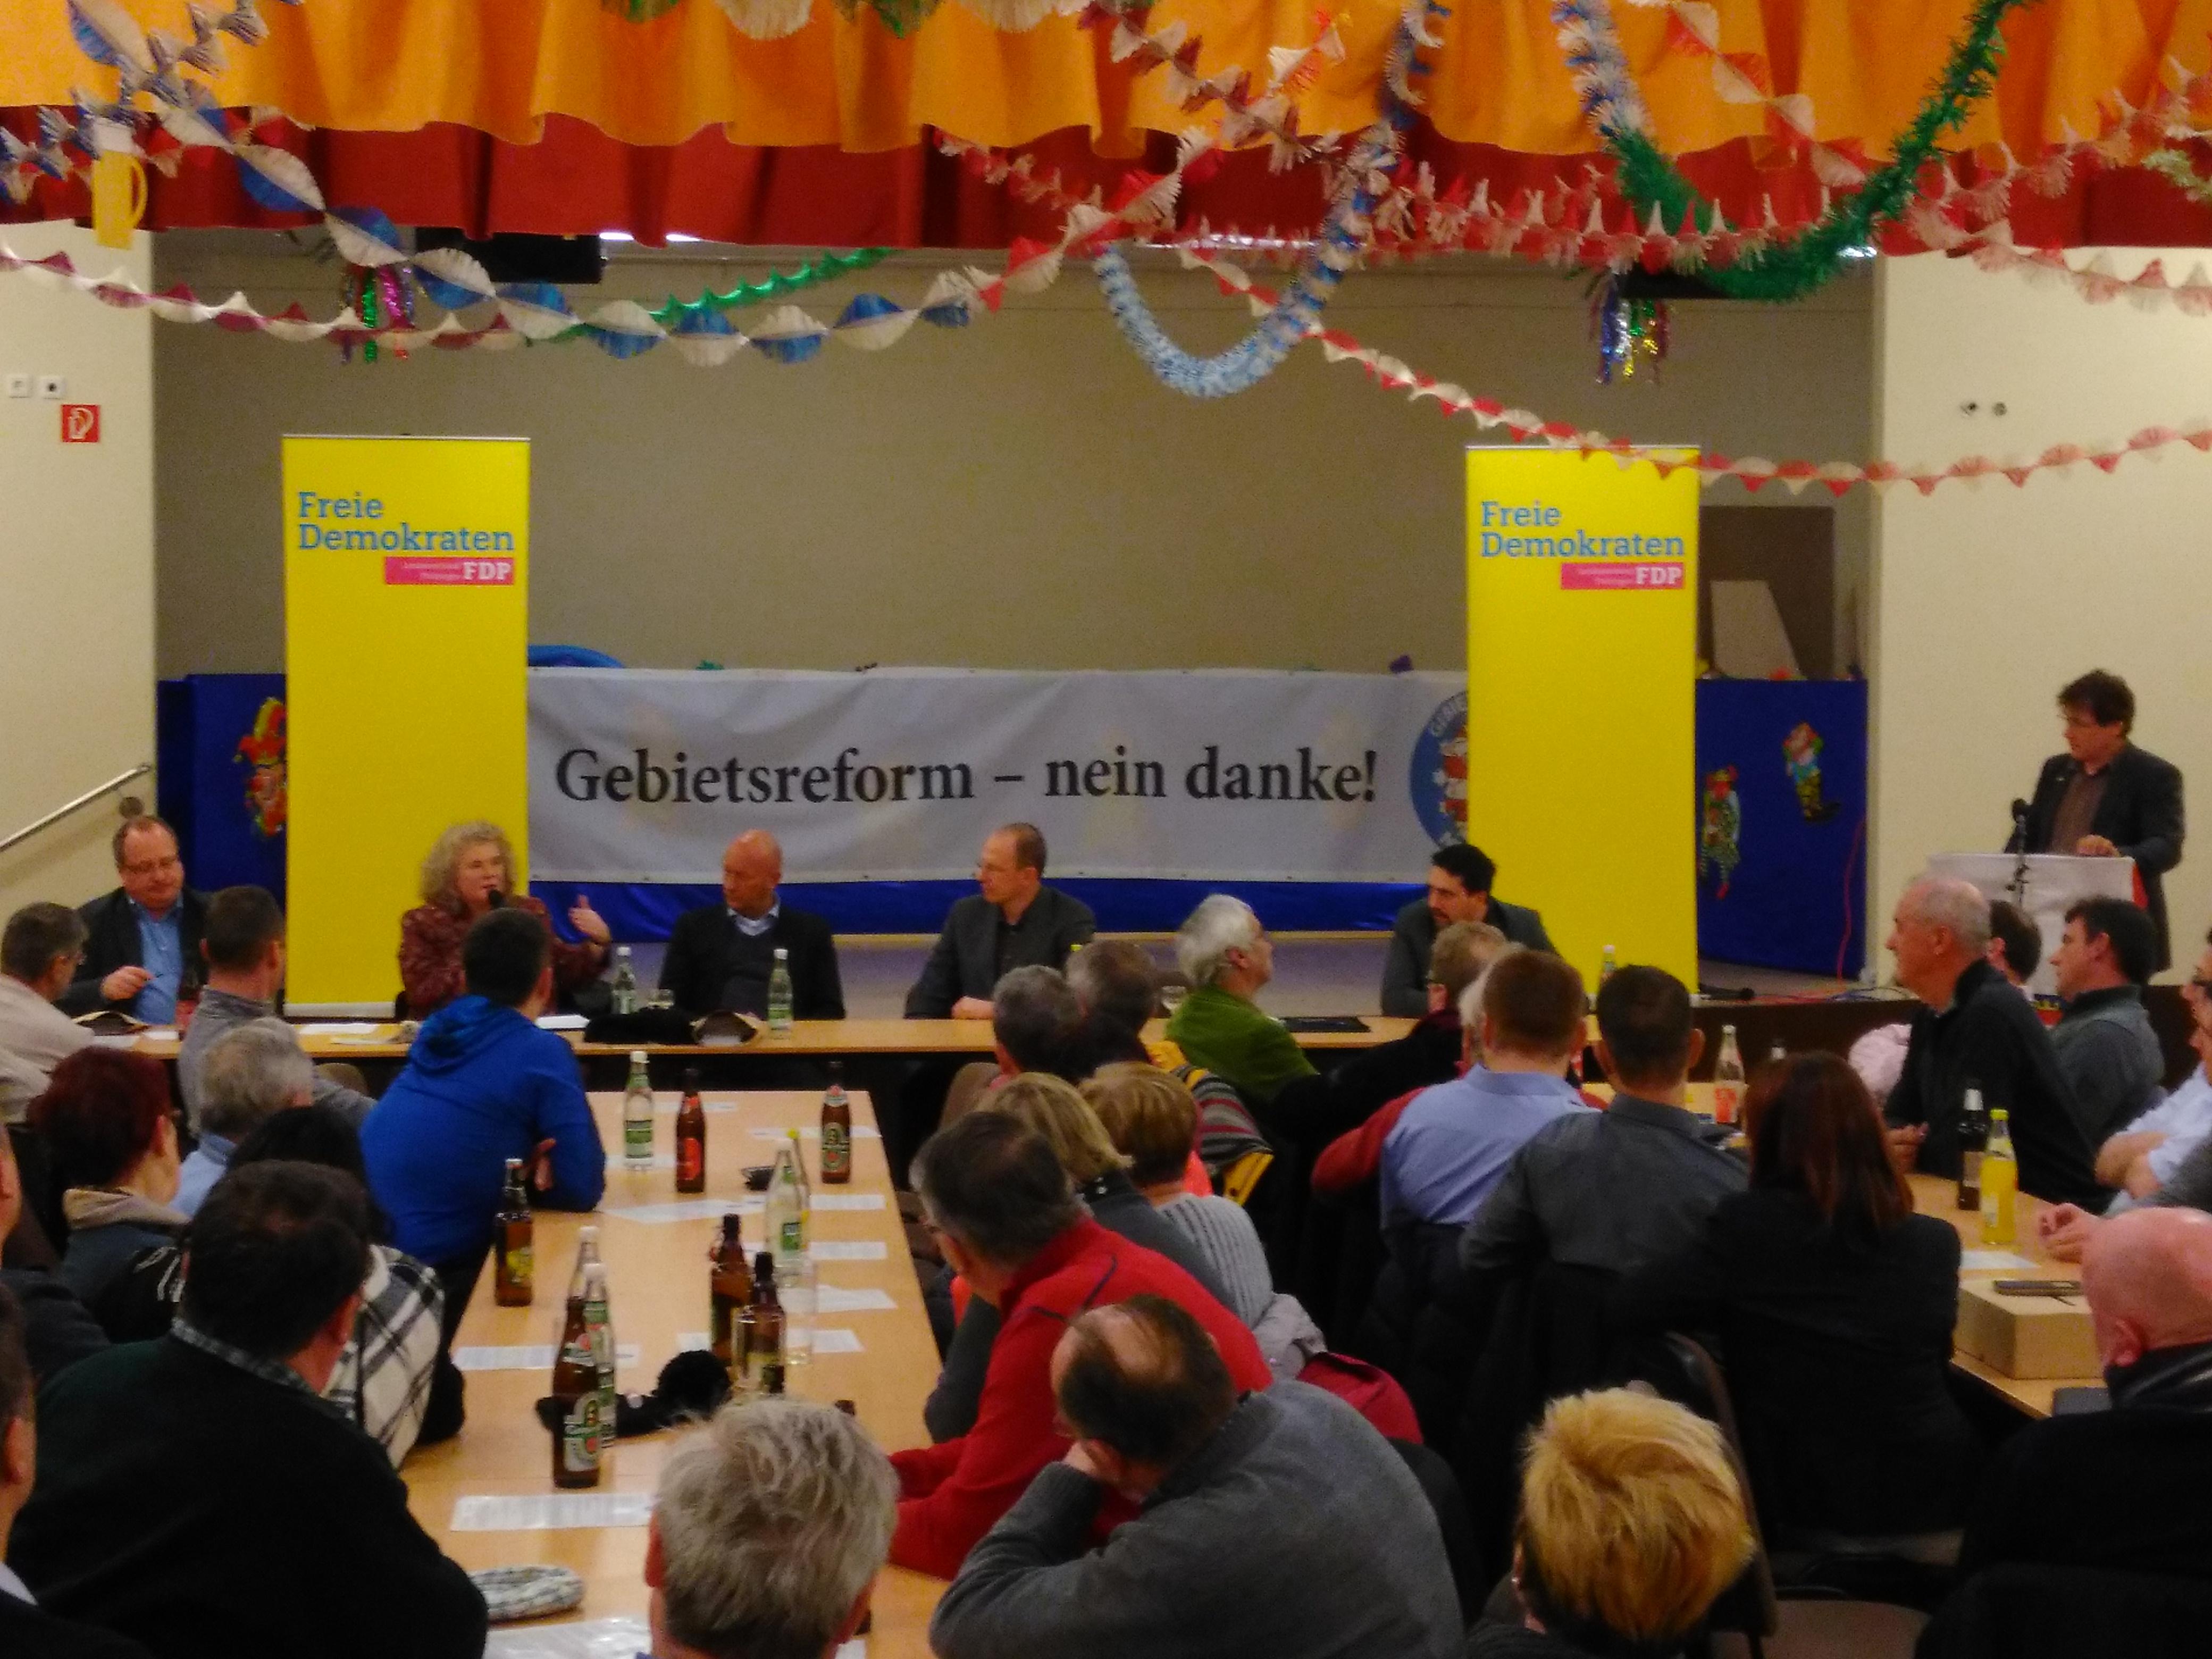 Vachdorf 16.01.17